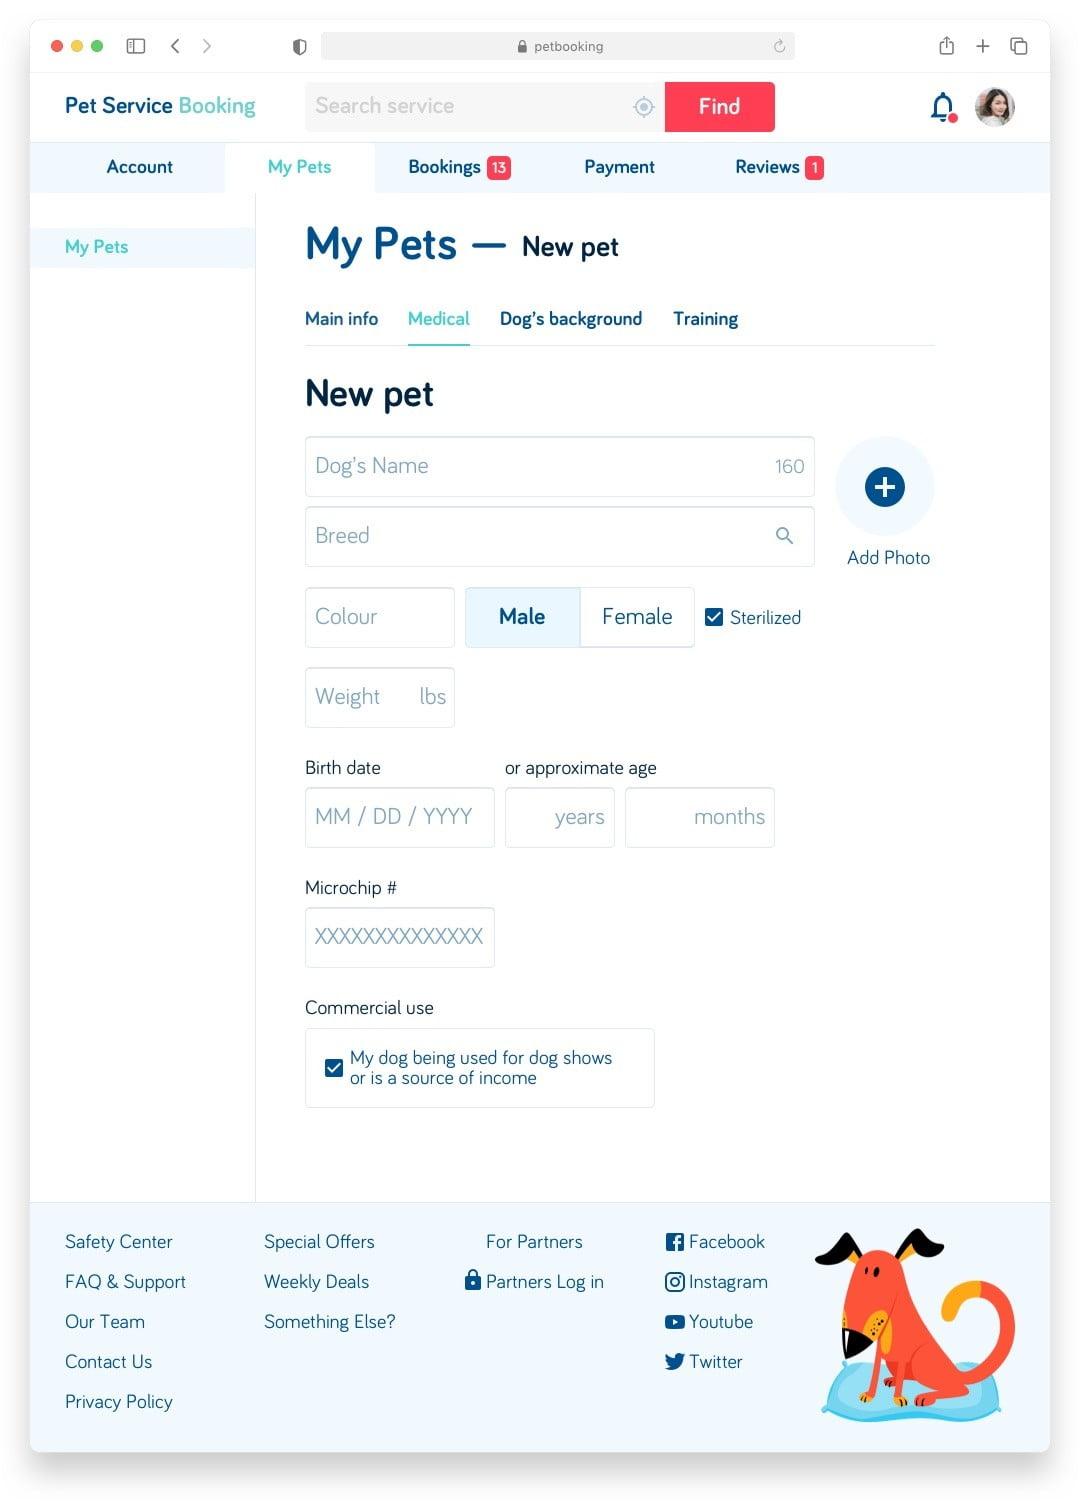 Букинг для собак Pet Booking Сайт Артура Нецветаева — сайты, приложения, прототипы и оформление интерфейсов petbooking client mypets desktop artur netsvetaev design